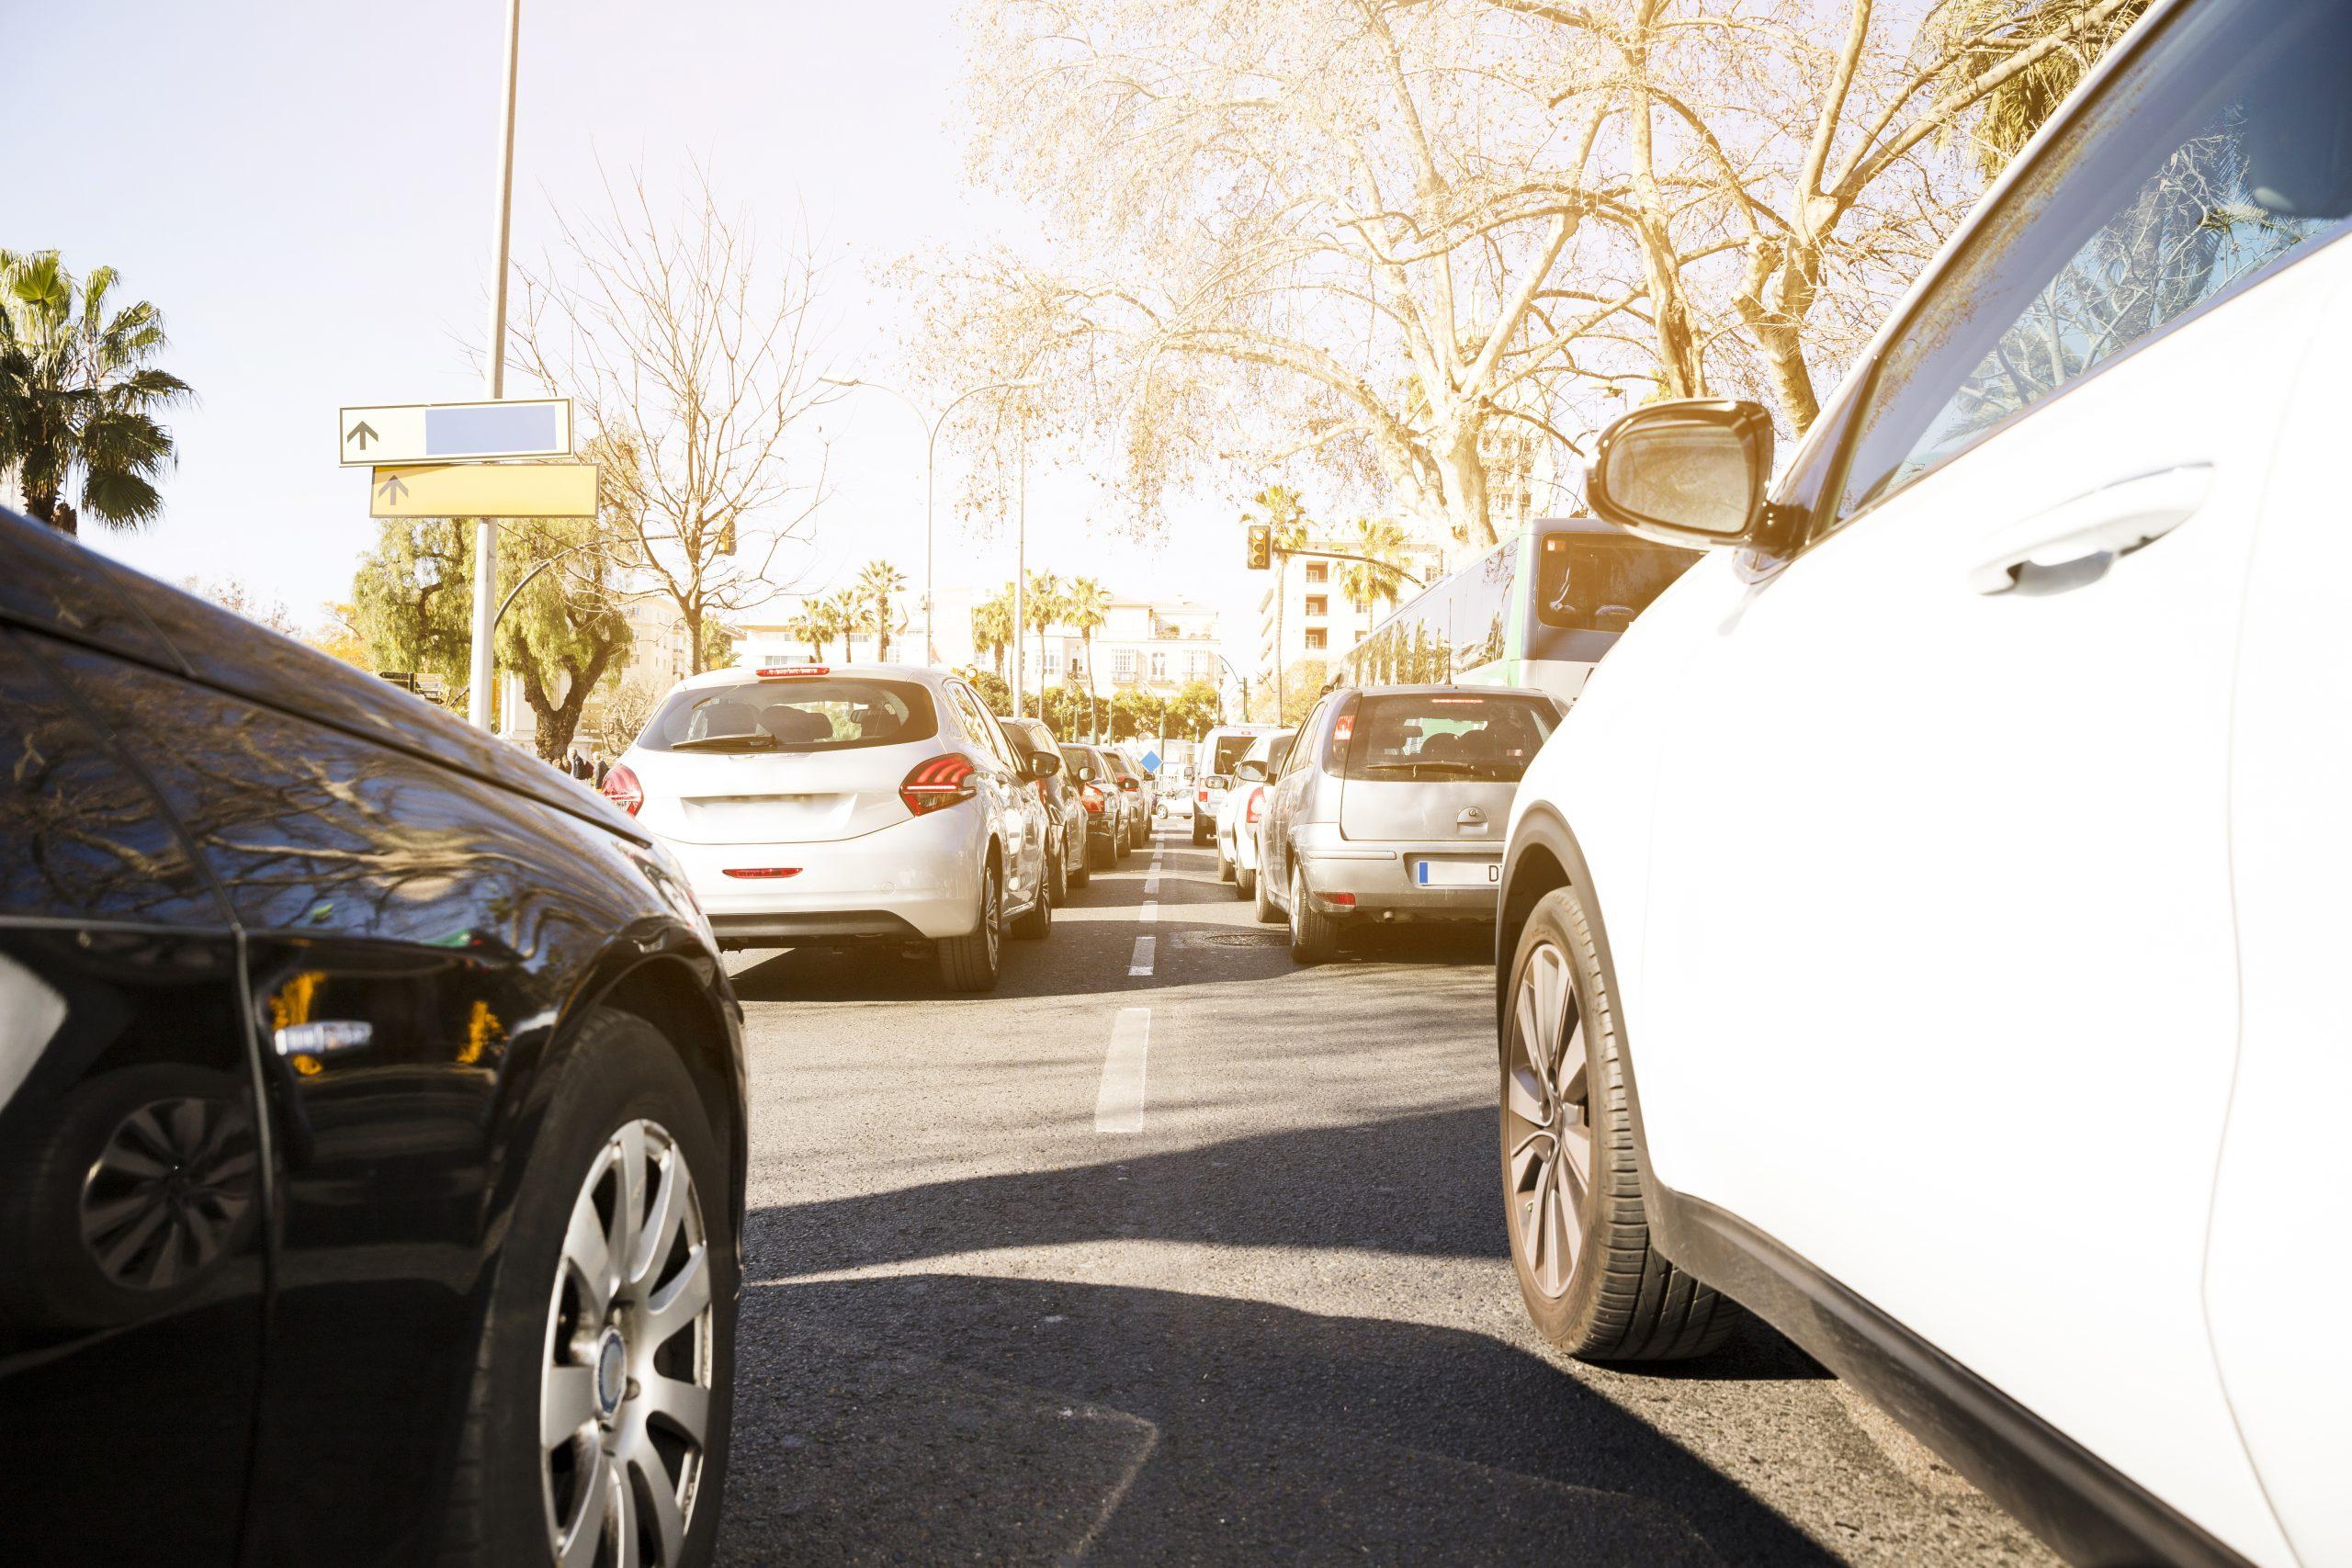 Статья 20 «О безопасности дорожного движения» — о чем в ней говорится